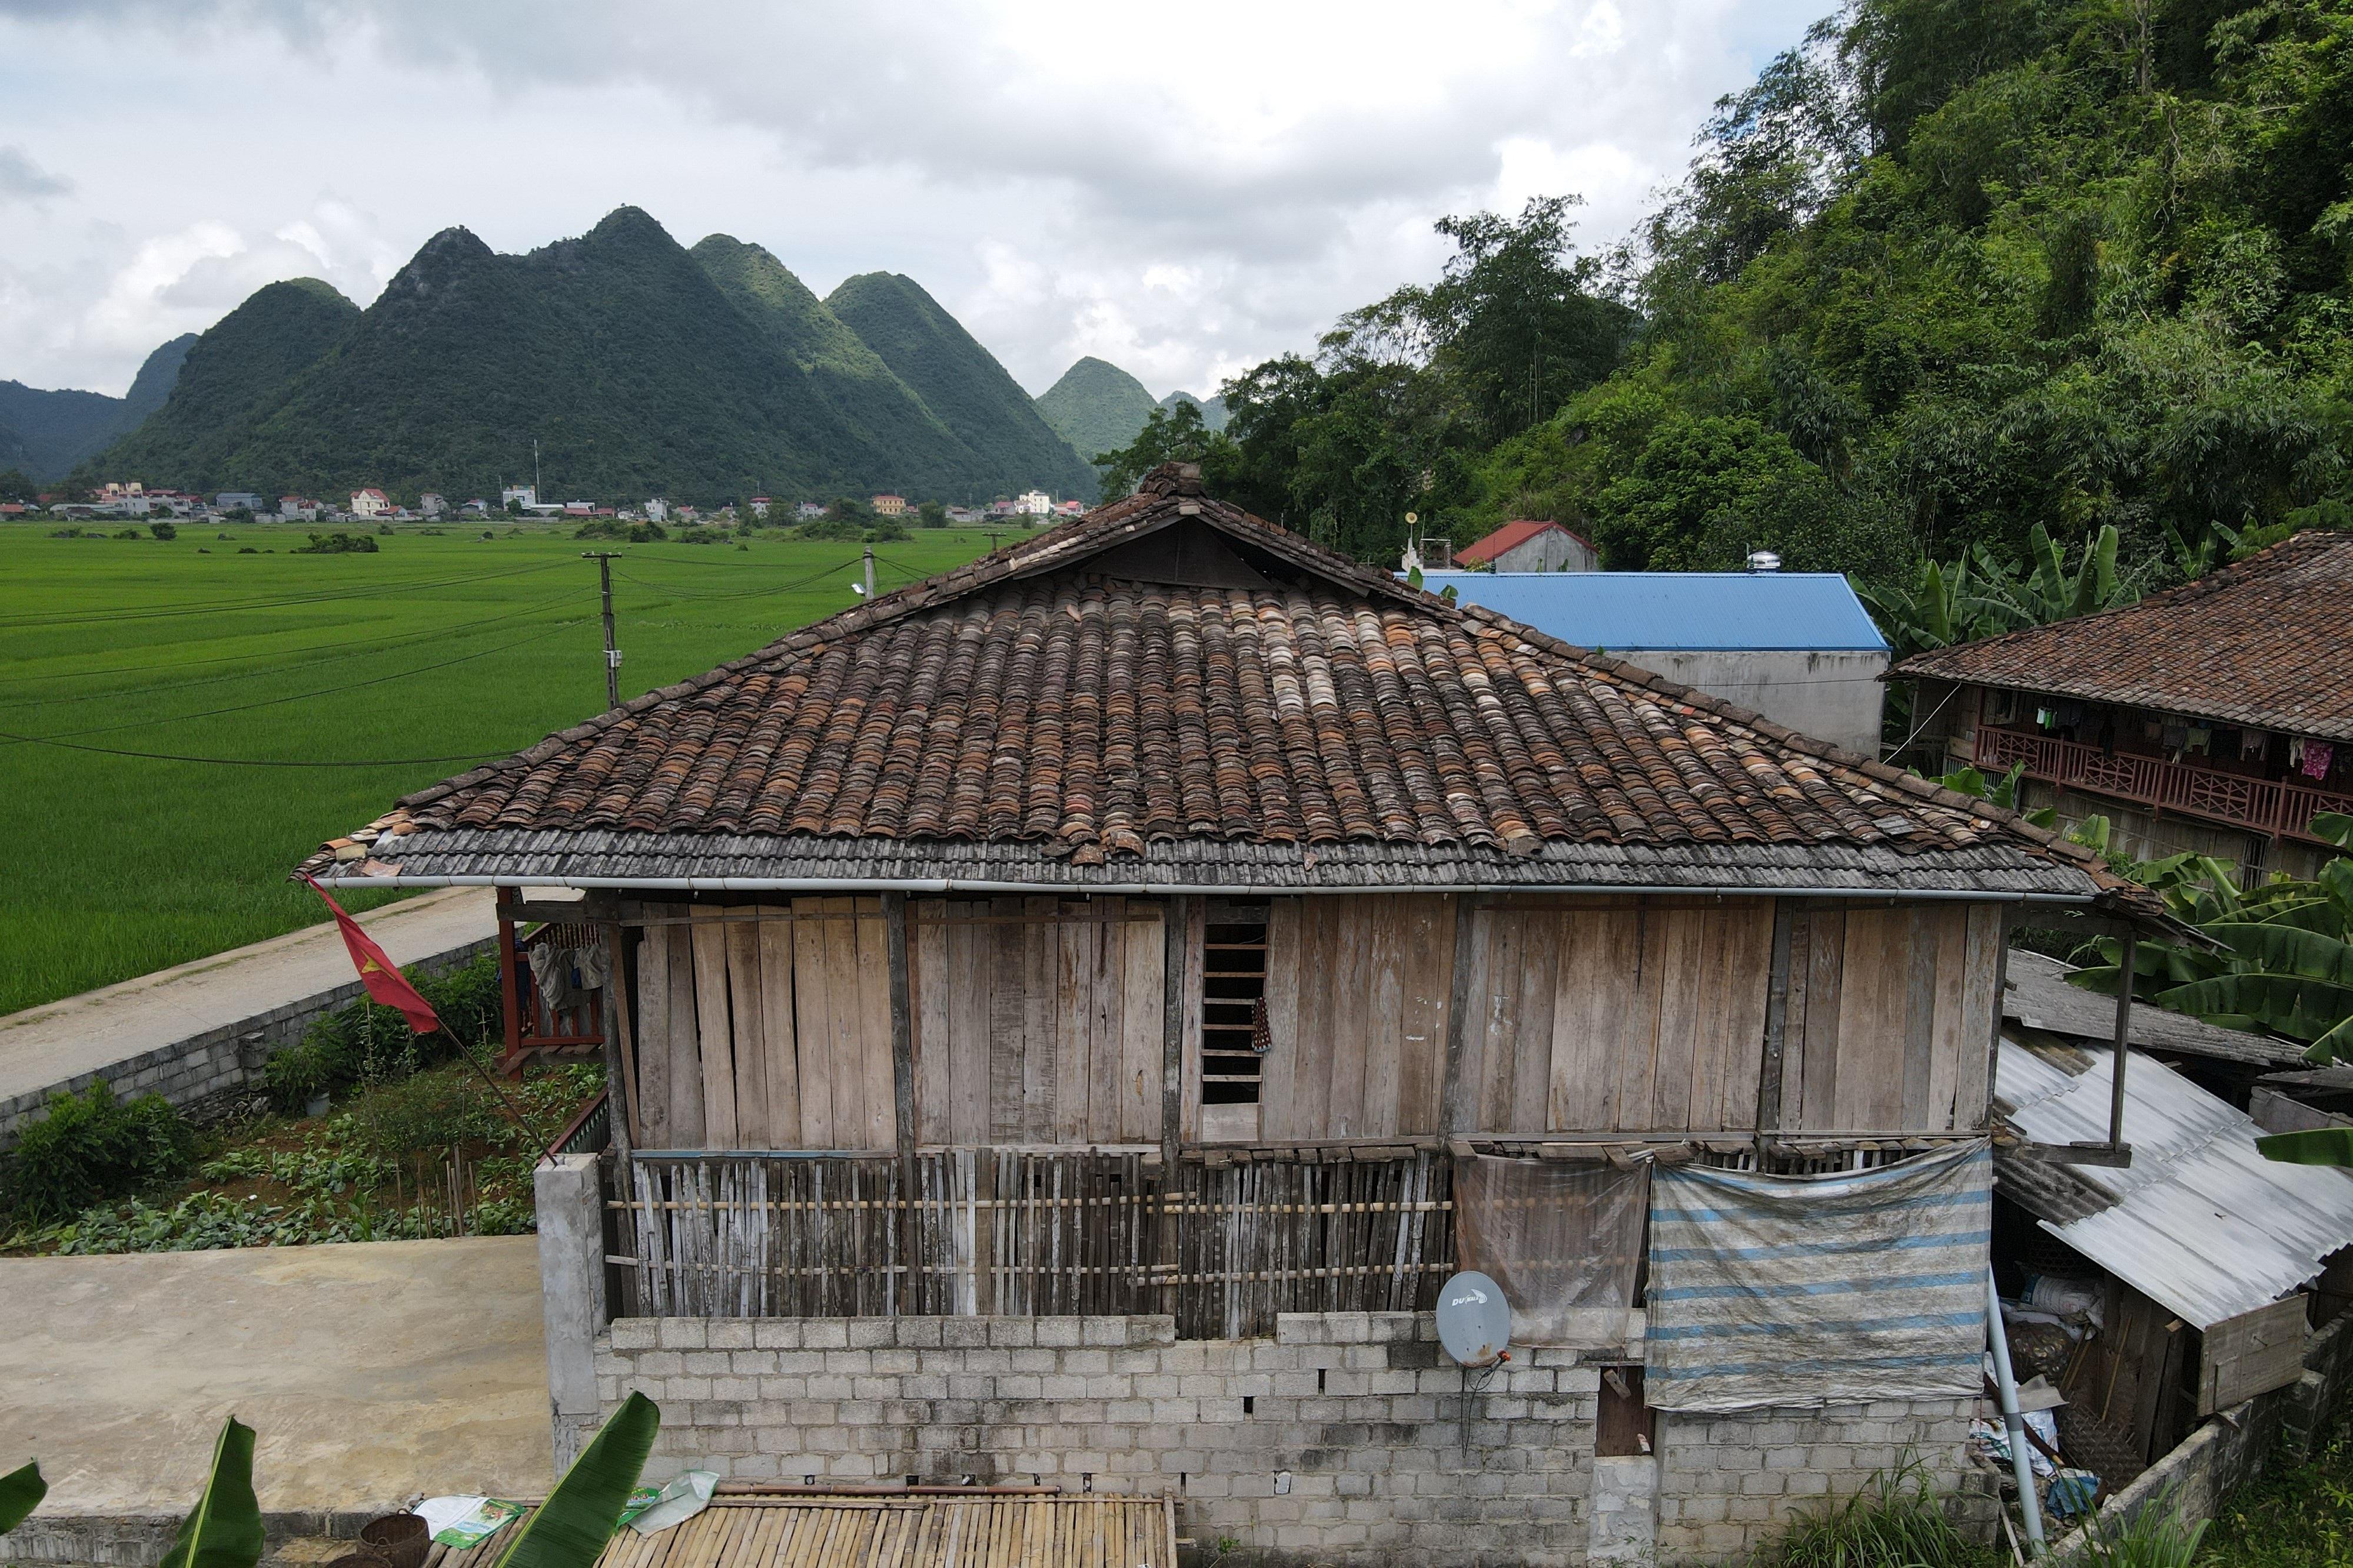 Khám phá ngôi làng có hơn 400 nóc nhà sàn tại thung lũng mây Bắc Sơn - 16